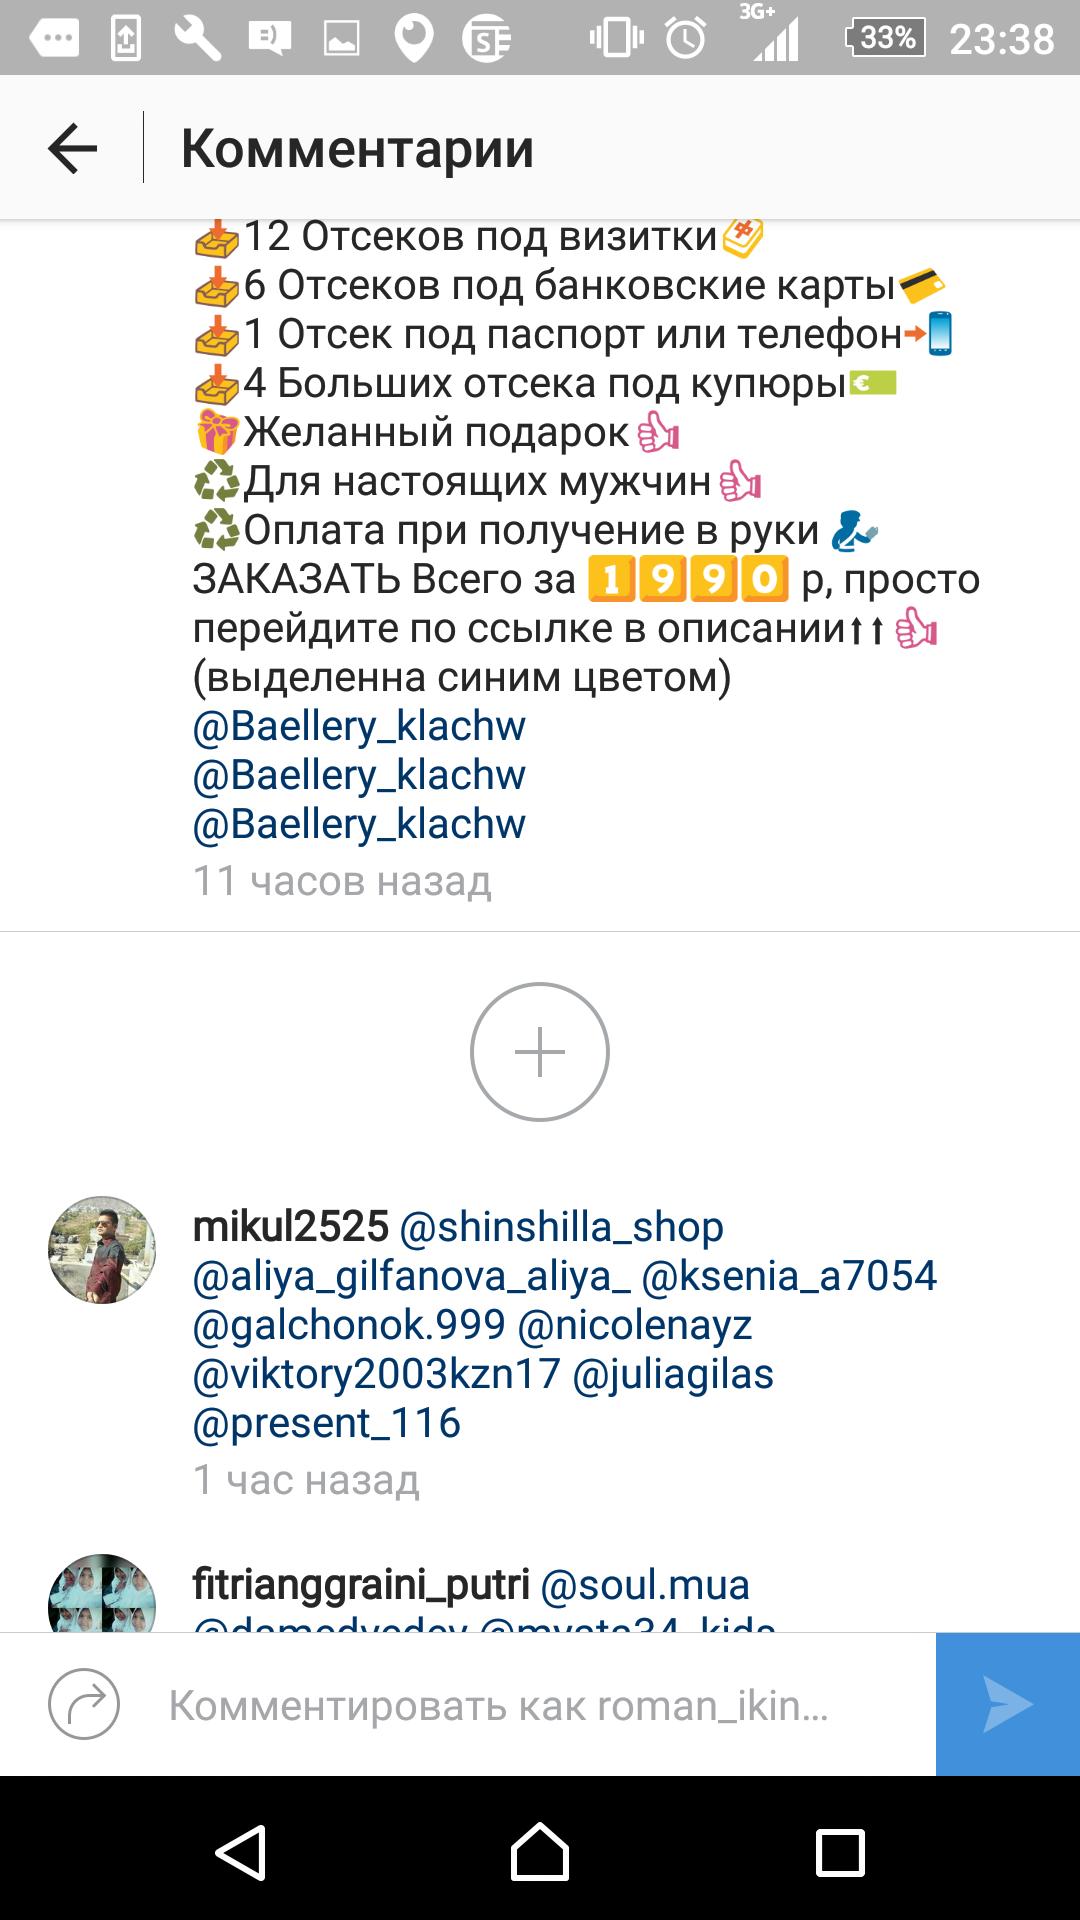 комментарии для раскрутки инстаграм